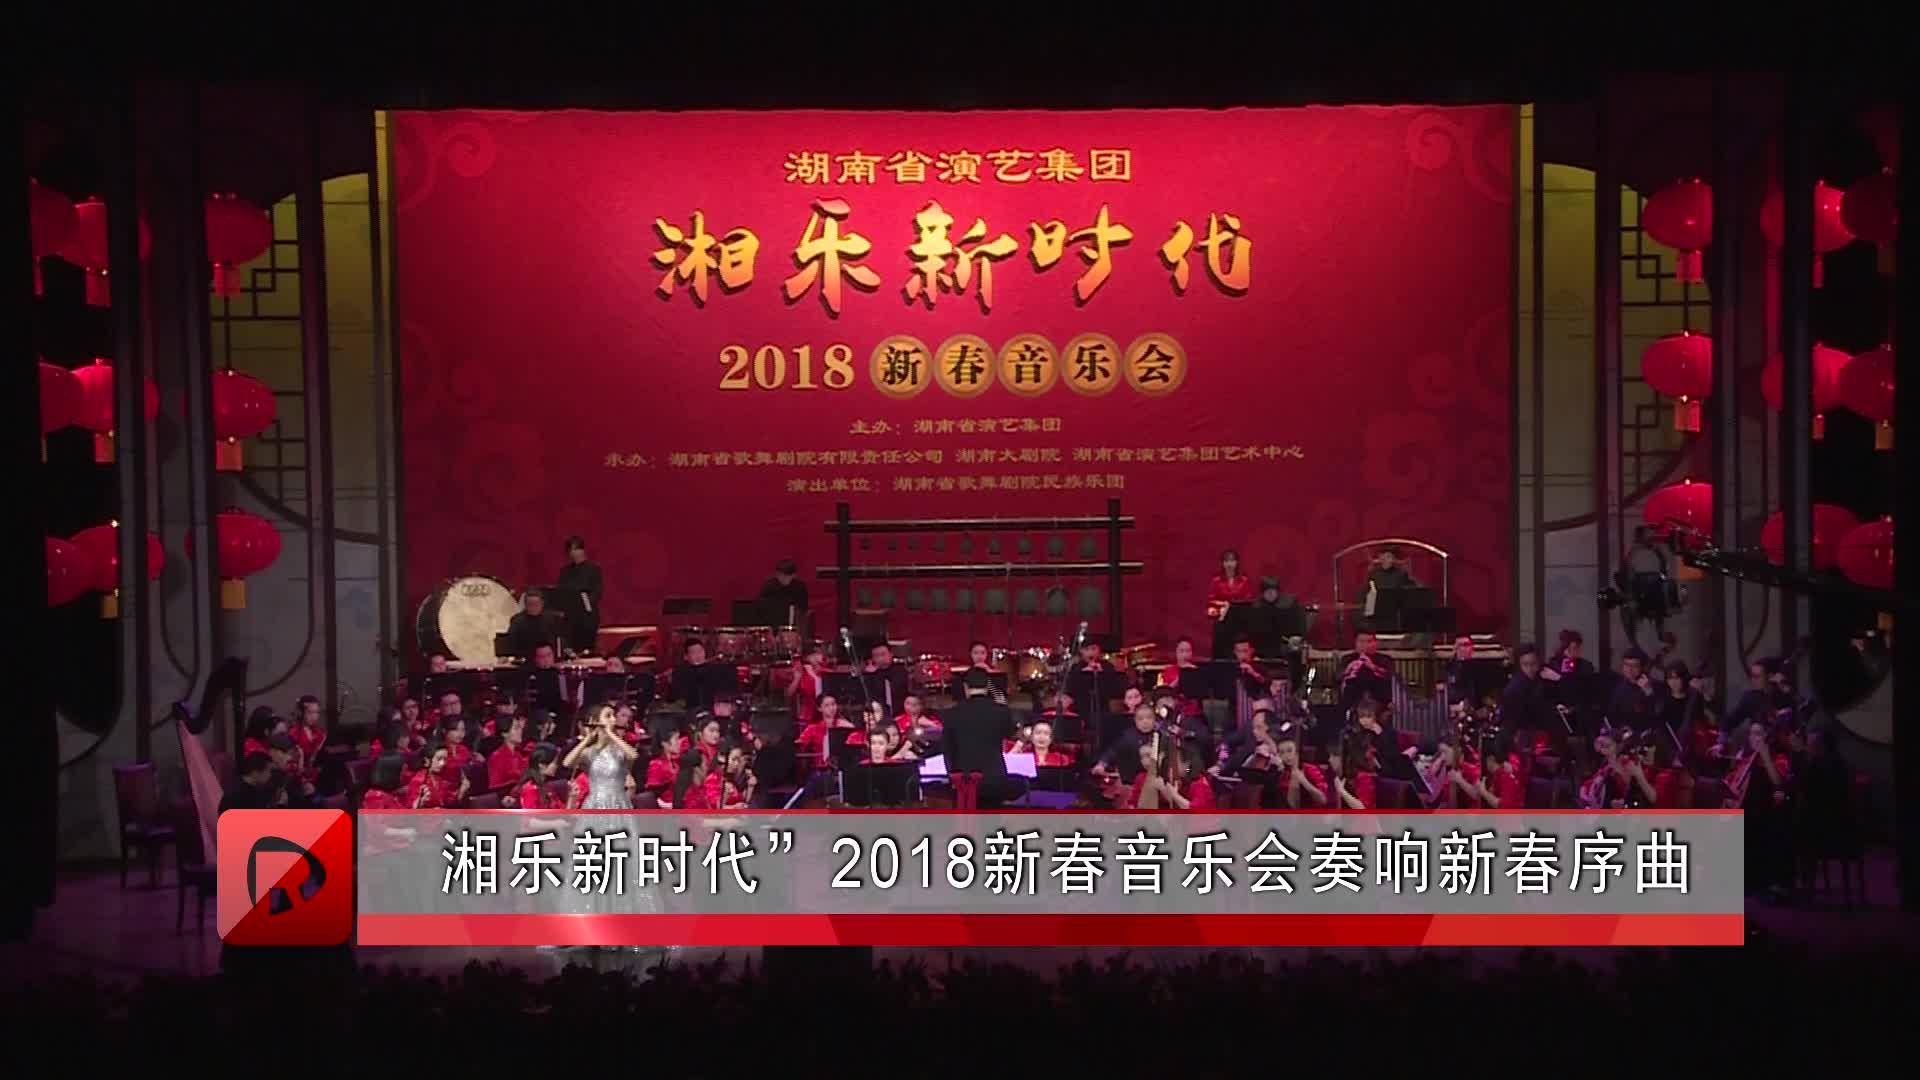 """""""湘乐新时代""""2018新春音乐会奏响新春序曲"""